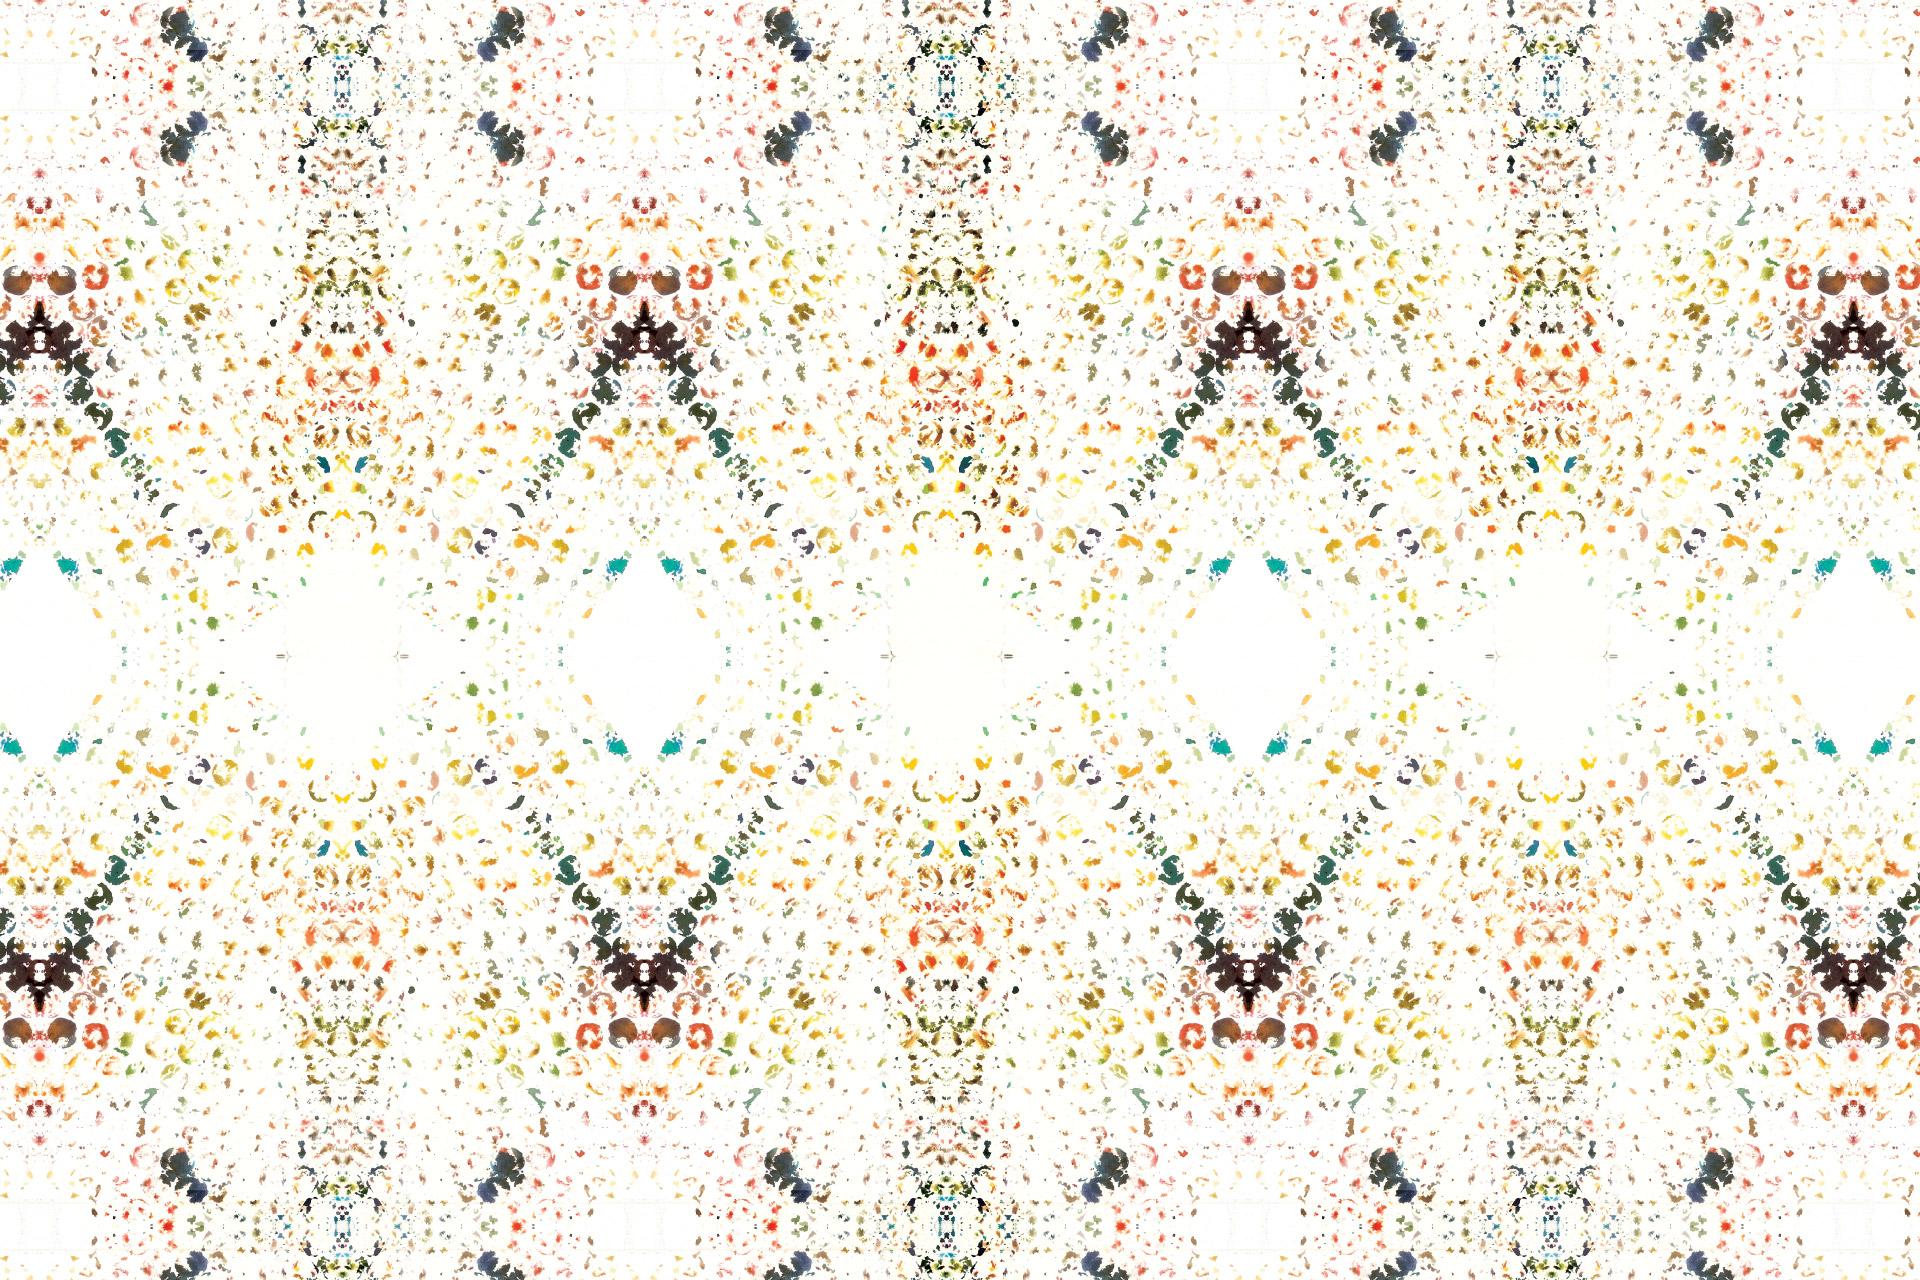 Textured Aztec Print by Tamara Design Services